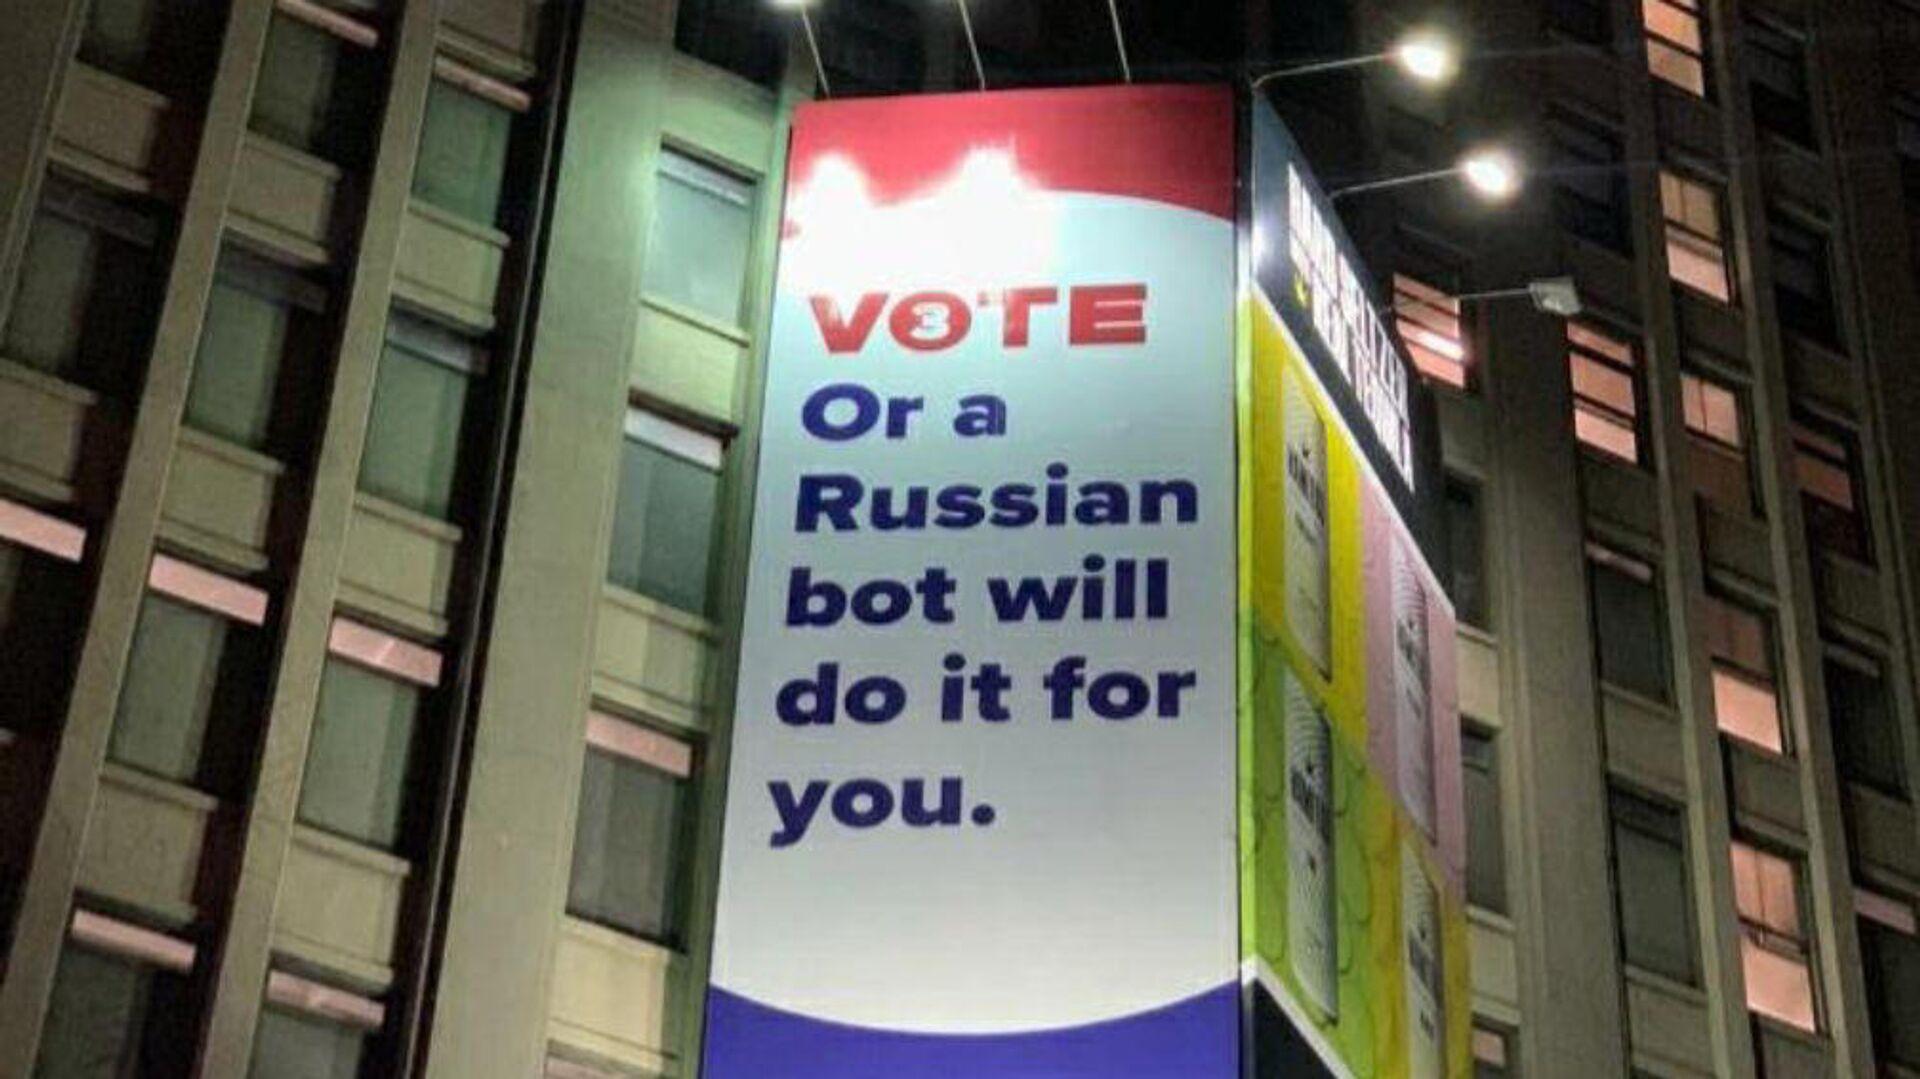 Предвыборный баннер в Нью-Йорке с обвинением России во вмешательство в голосование - РИА Новости, 1920, 22.10.2020